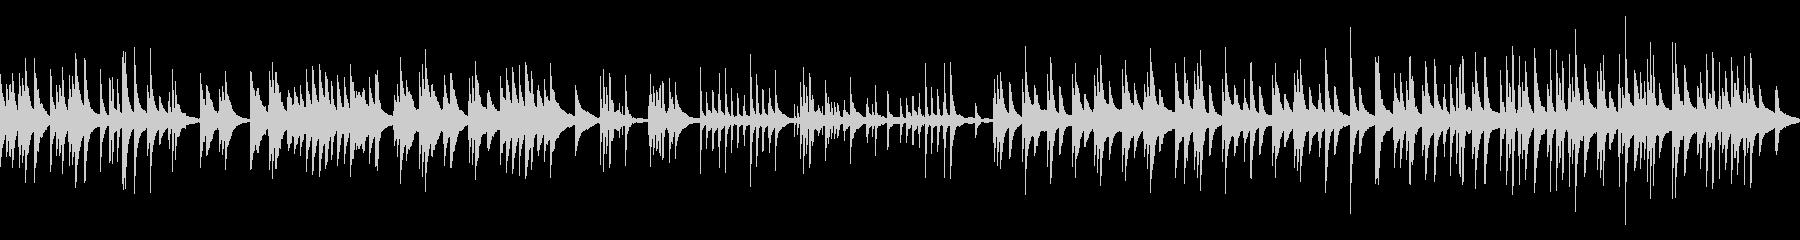 ピアノのみのループ音源。リバーブなしタ…の未再生の波形